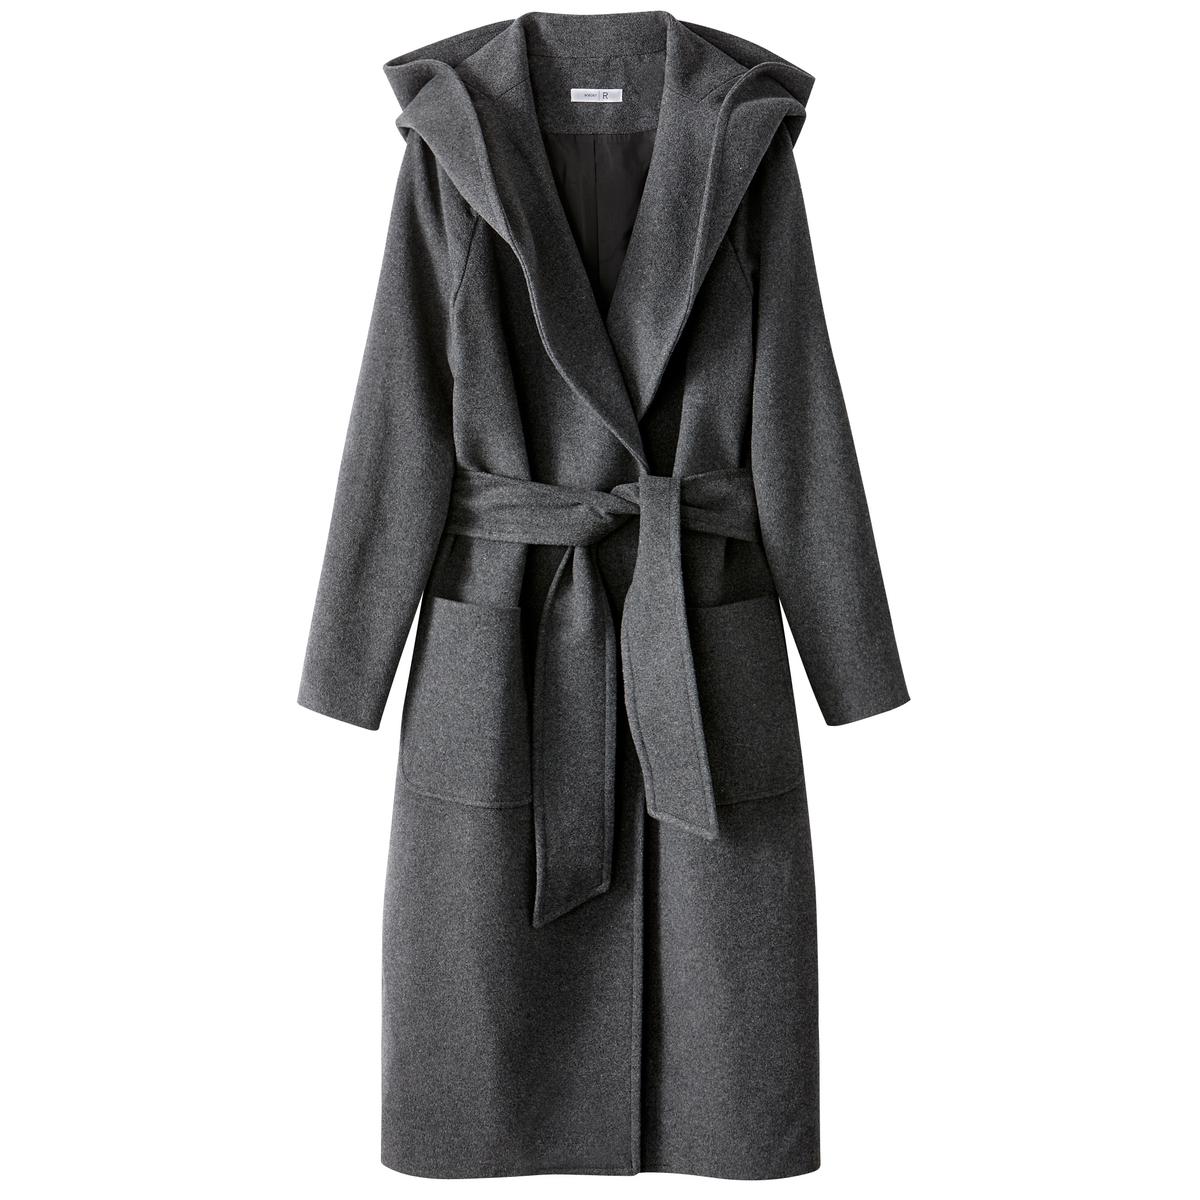 Пальто с капюшоном  из шерстяного драпаНевероятно стильное длинное пальто . Это пальто с капюшоном из шерятяного драпа защитит вас от холодов этой зимой  . Удобное длинное пальто, к которому быстро привыкаешь .Детали •  Длина : удлиненная модель •  Шалевый воротник •  Без застежки •  С капюшономСостав и уход •  70% шерсти, 10% кашемира, 20% полиамида •  Подкладка : 100% полиэстер • Не стирать •  Деликатная чистка/без отбеливателей •  Не использовать барабанную сушку   •  Низкая температура глажки •  Длина : 115 см.<br><br>Цвет: темно-бежевый<br>Размер: 34 (FR) - 40 (RUS)